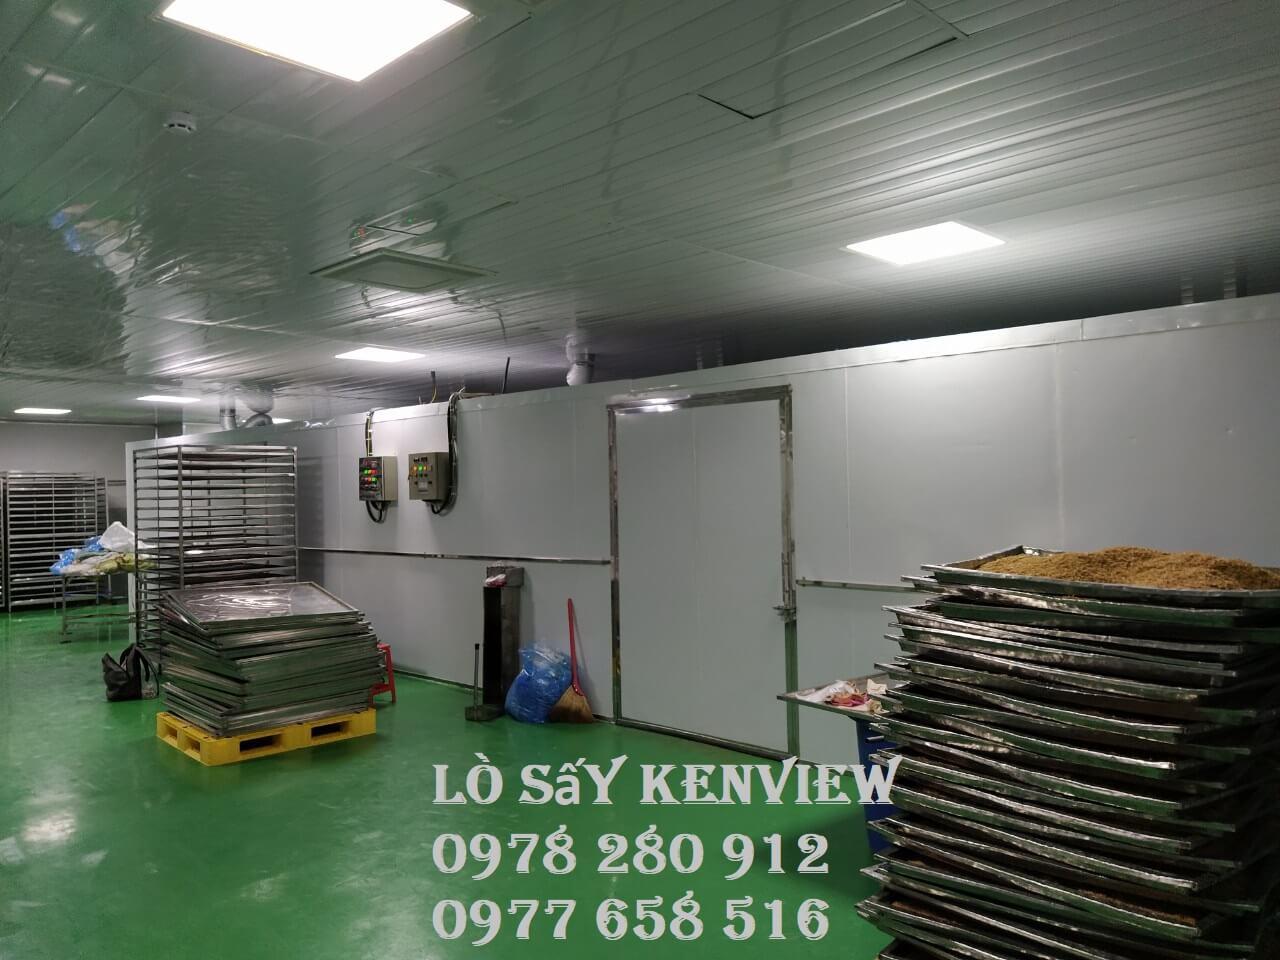 Lò sấy Kenview Ms1000